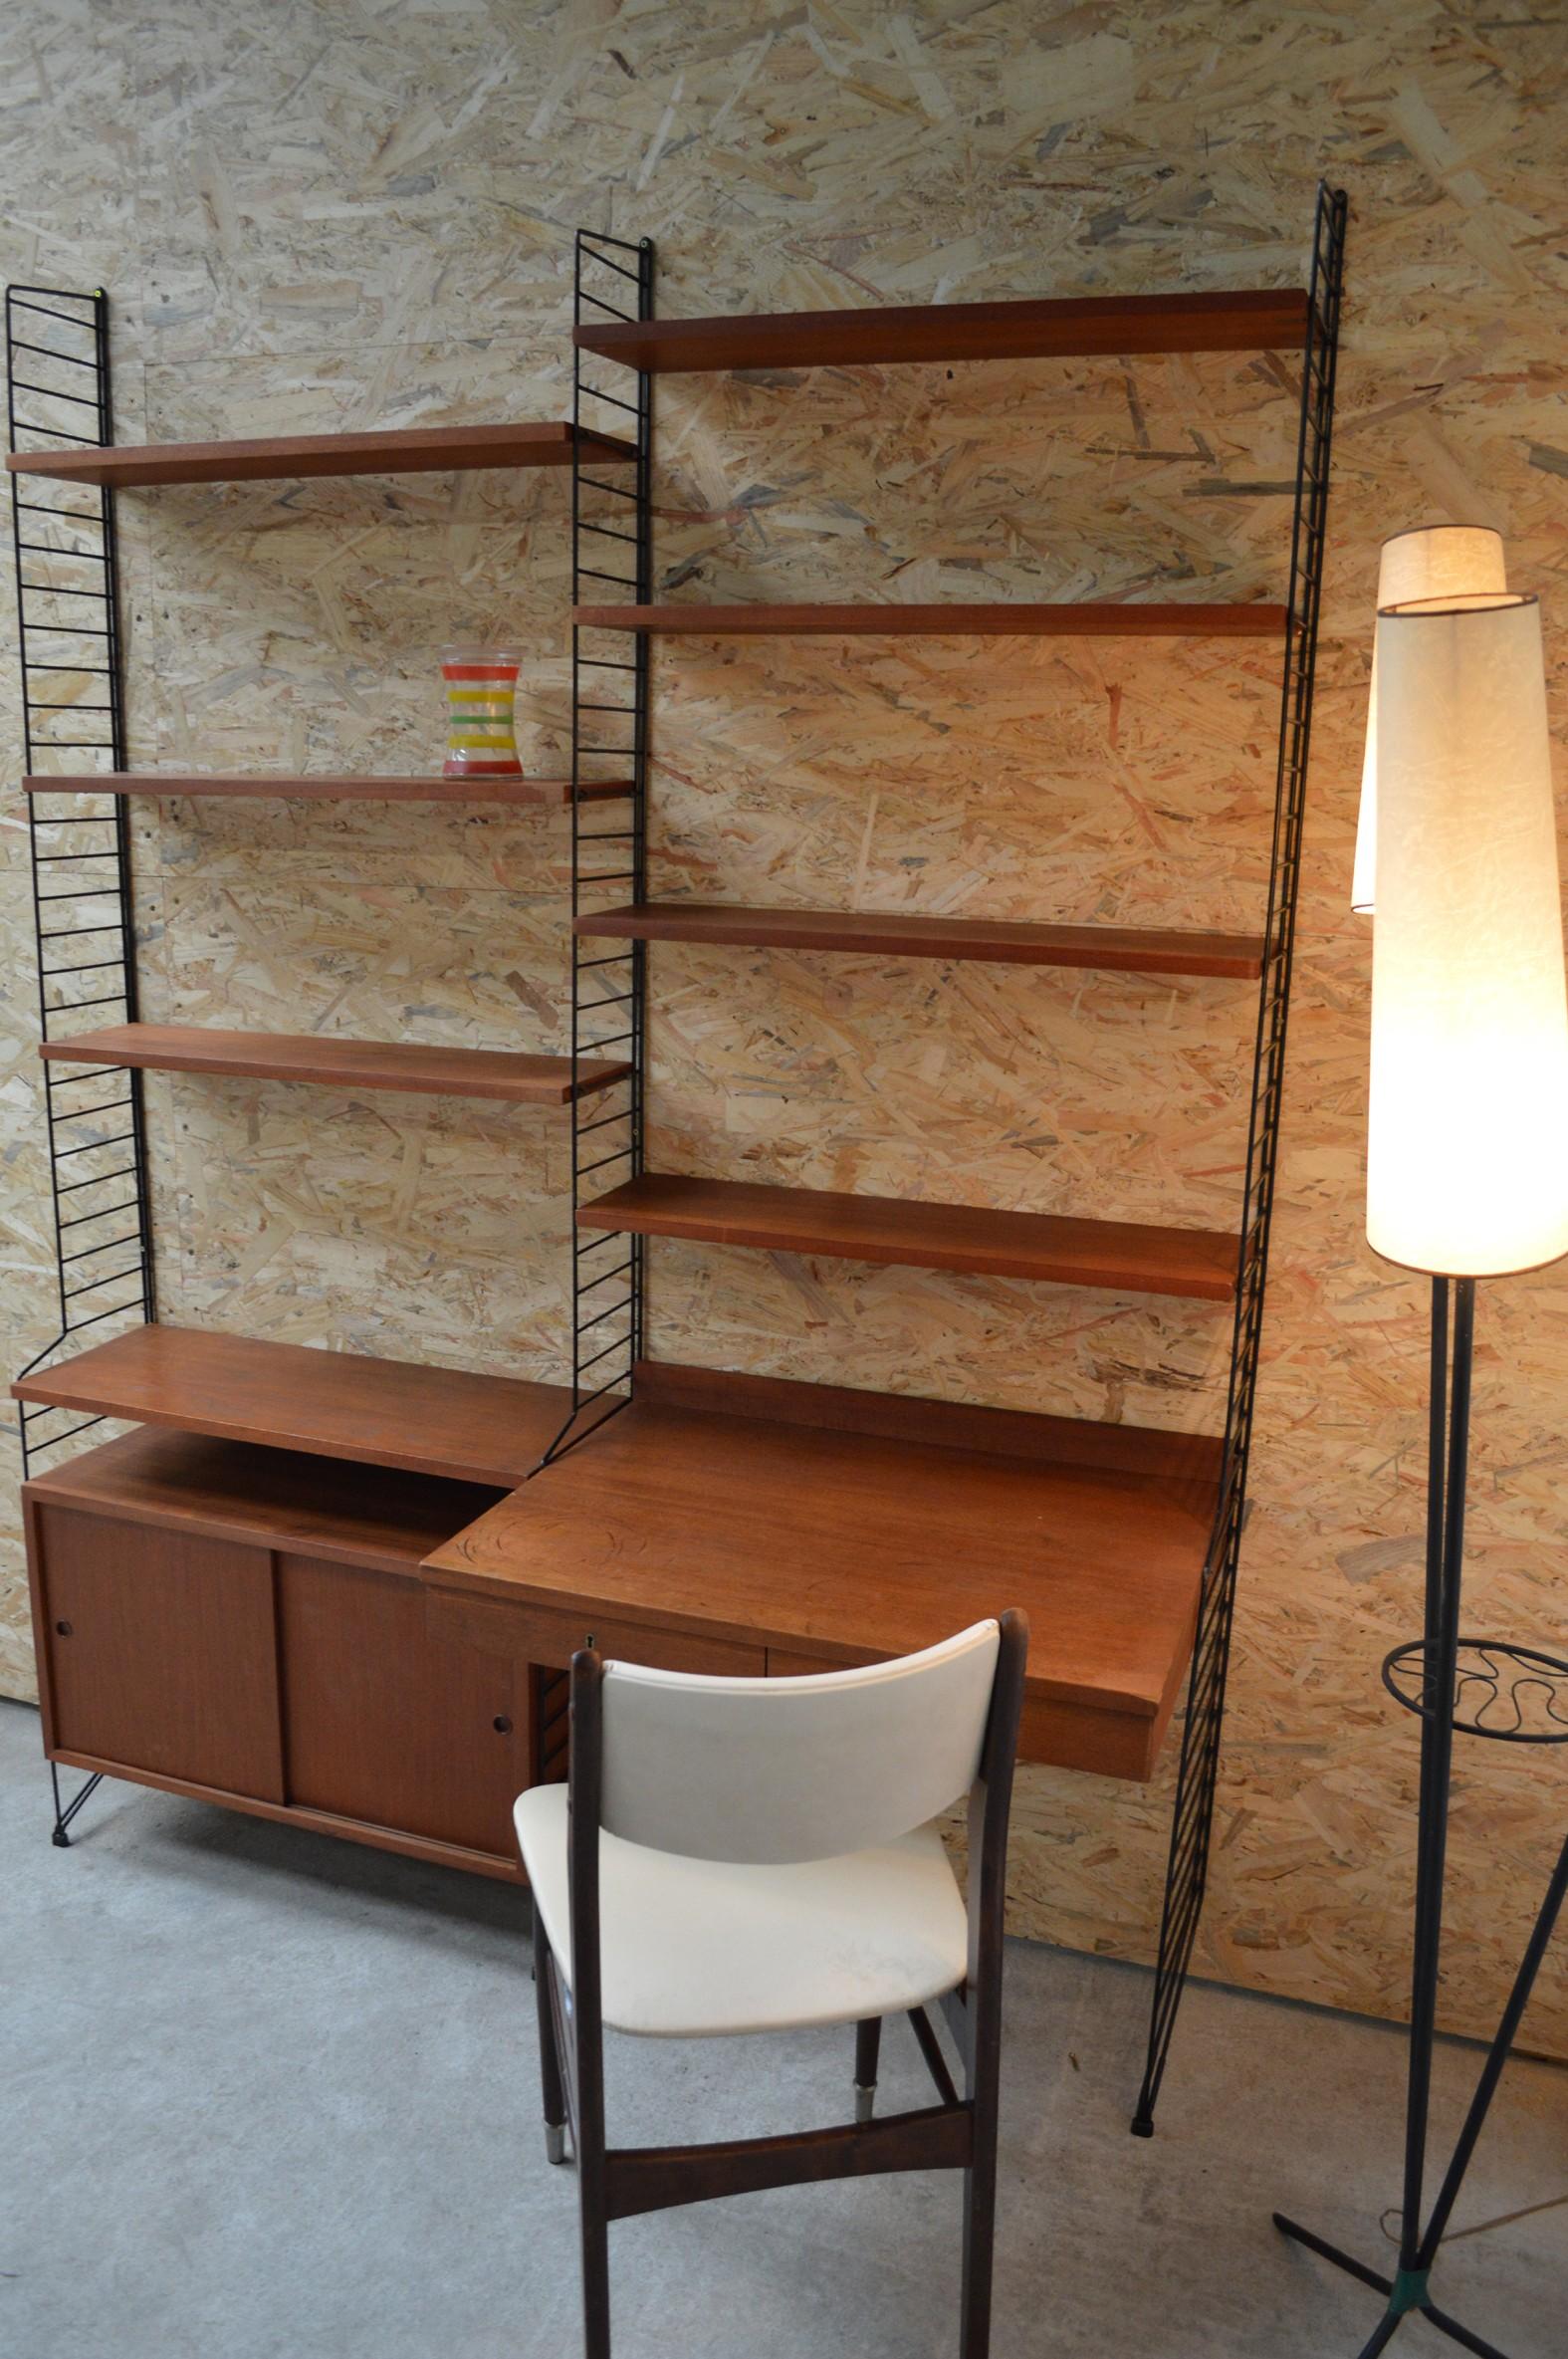 Nisse Strinning large shelving unit nisse strinning 1960s design market